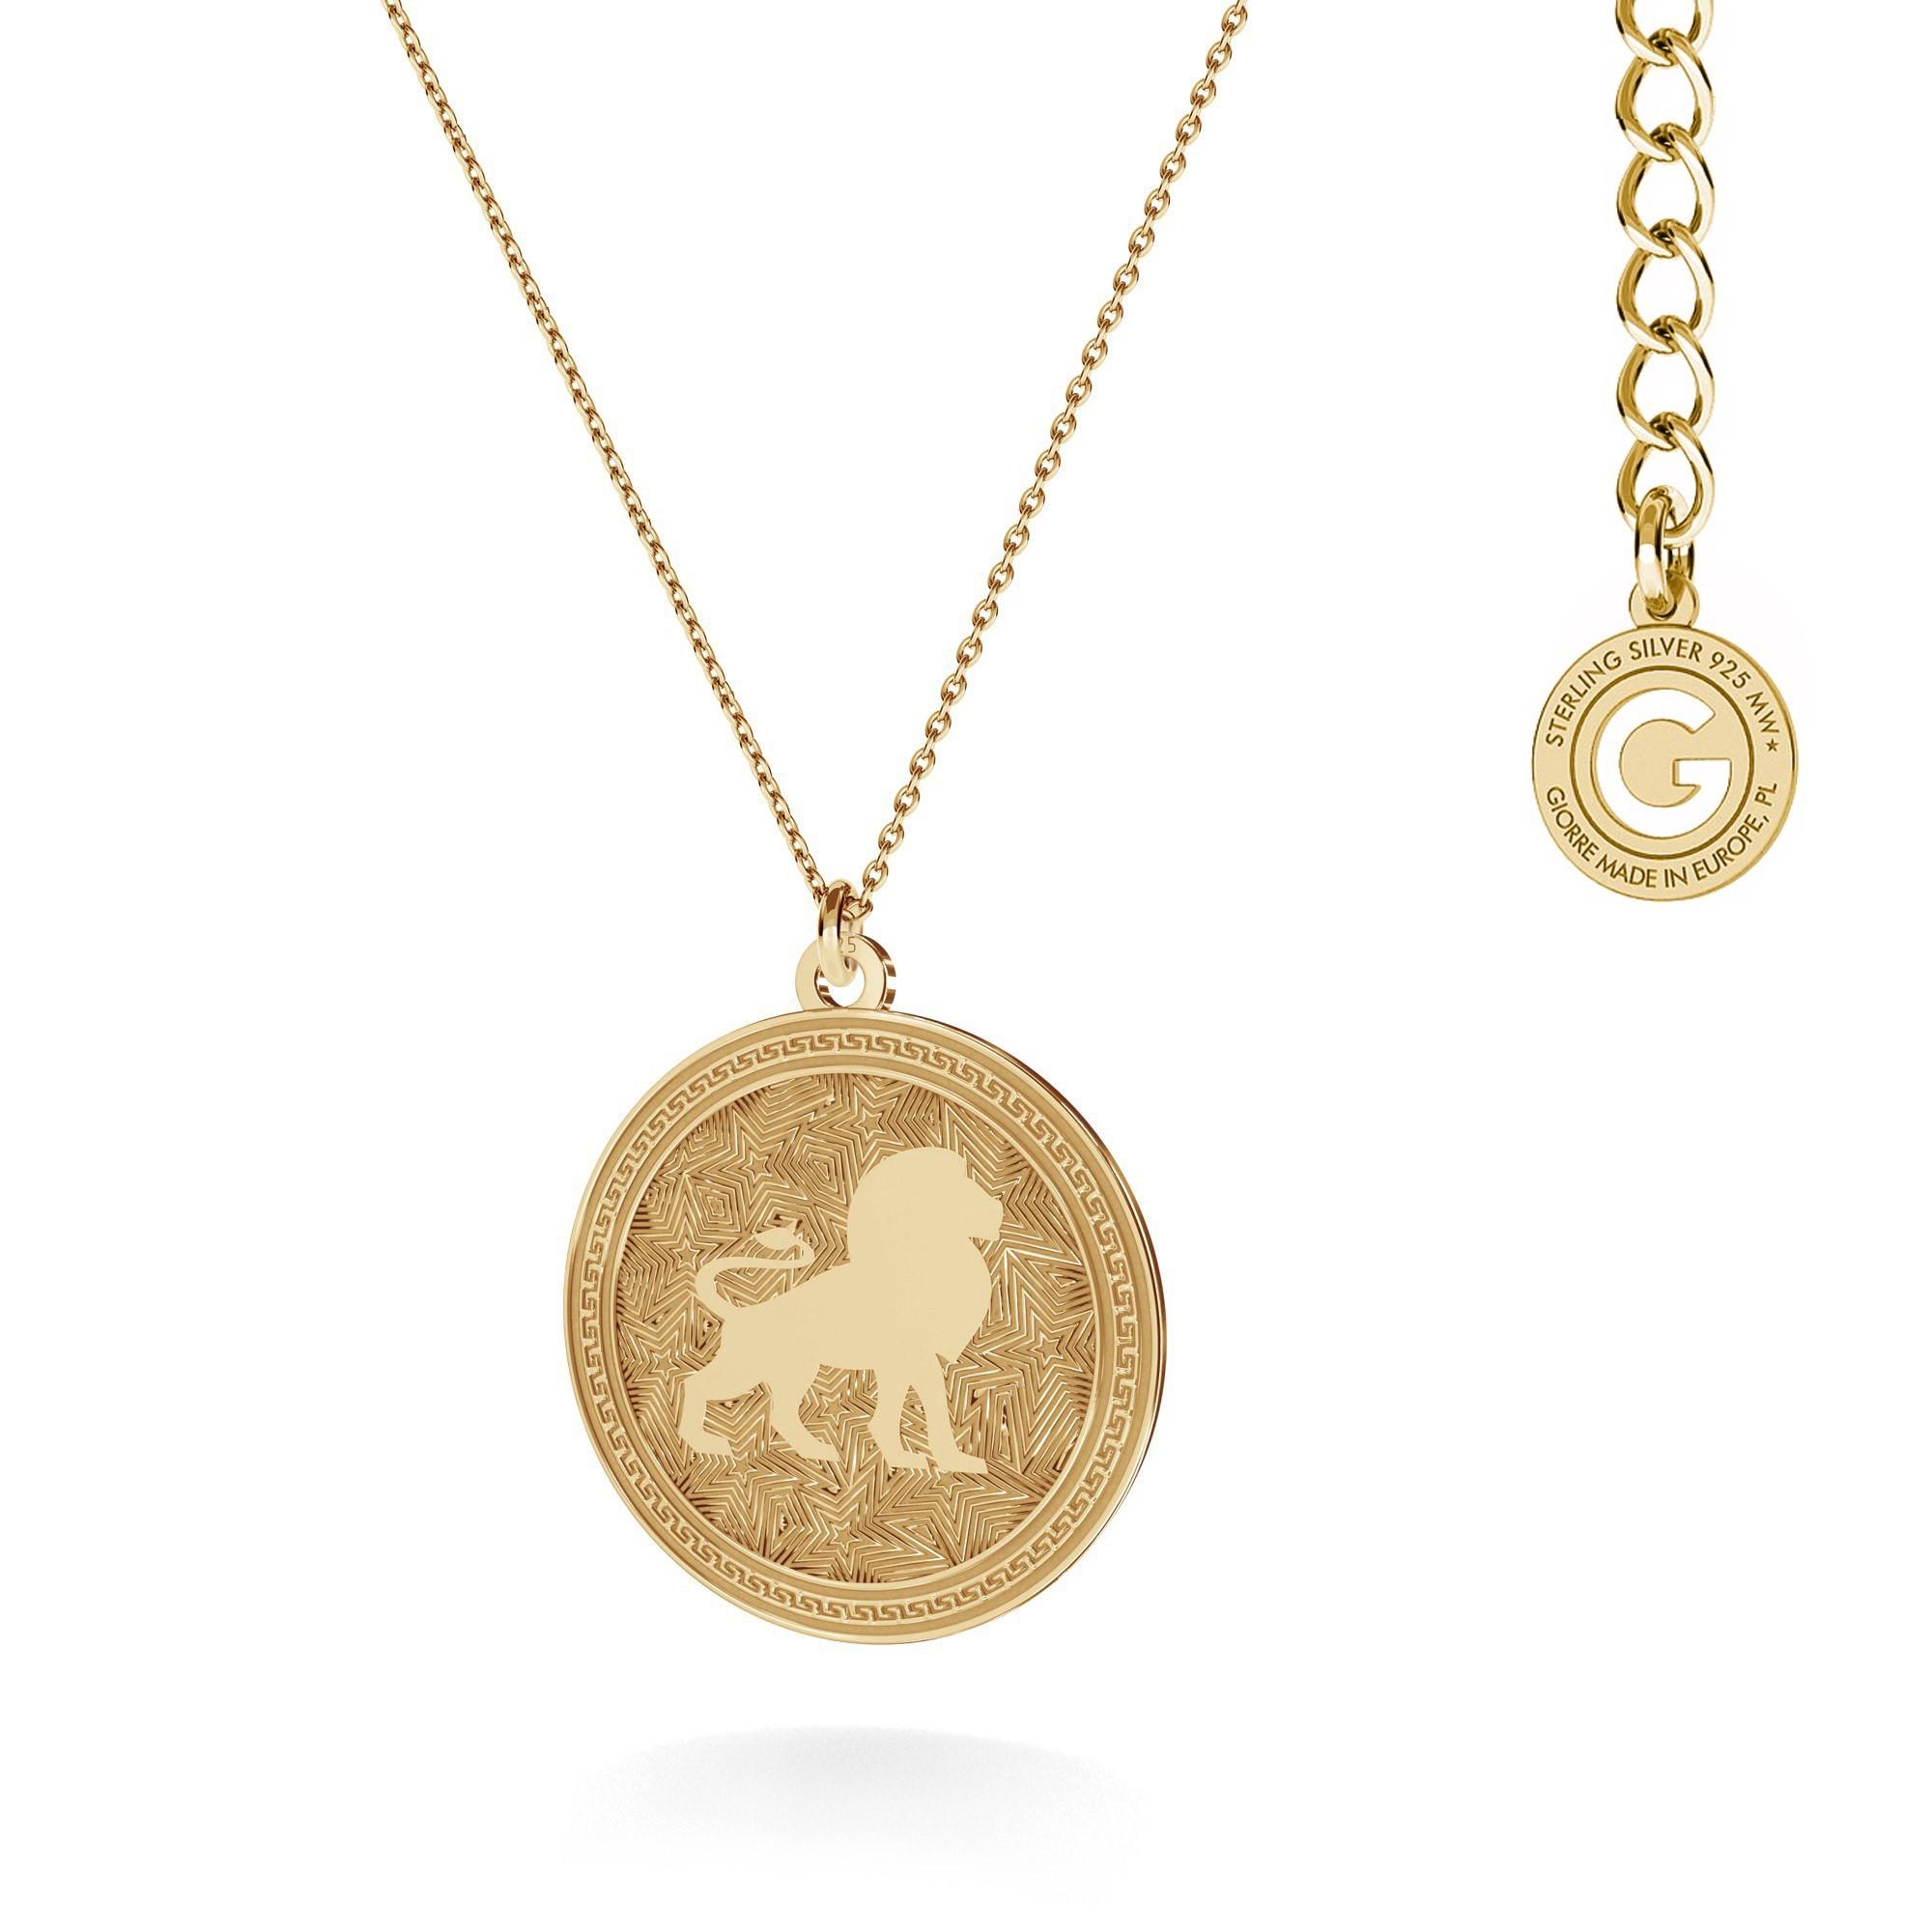 CANCER zodiac sign necklace silver 925